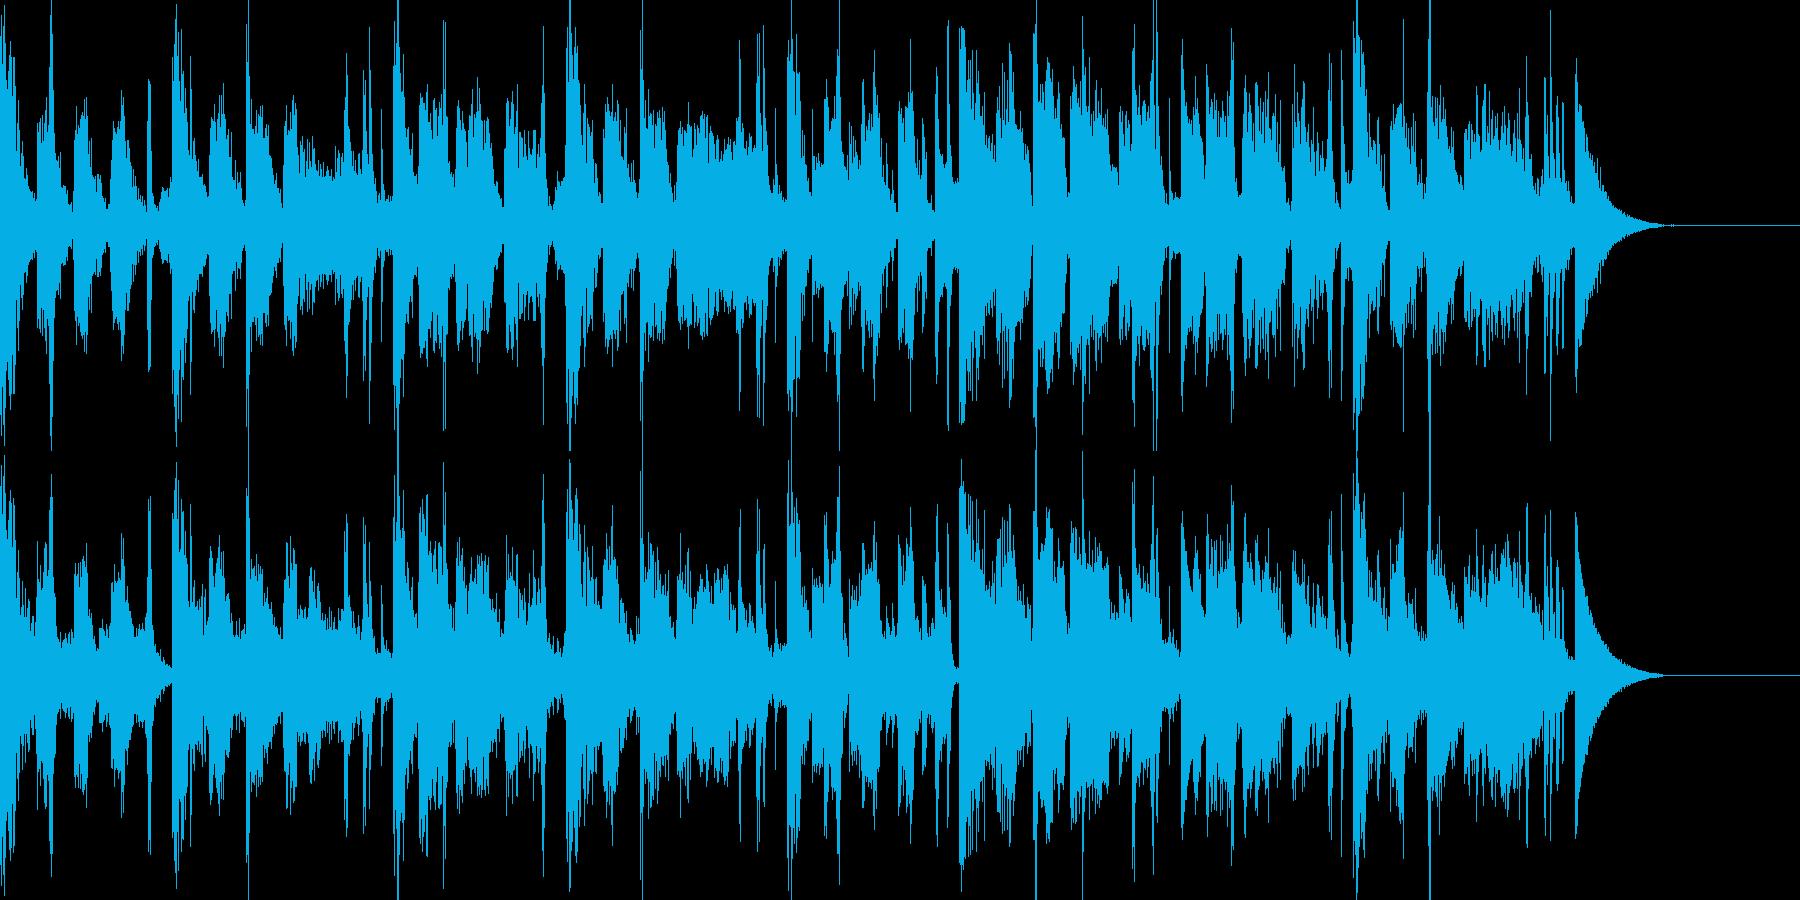 アパレル系CMに合いそうなエレクトロの再生済みの波形